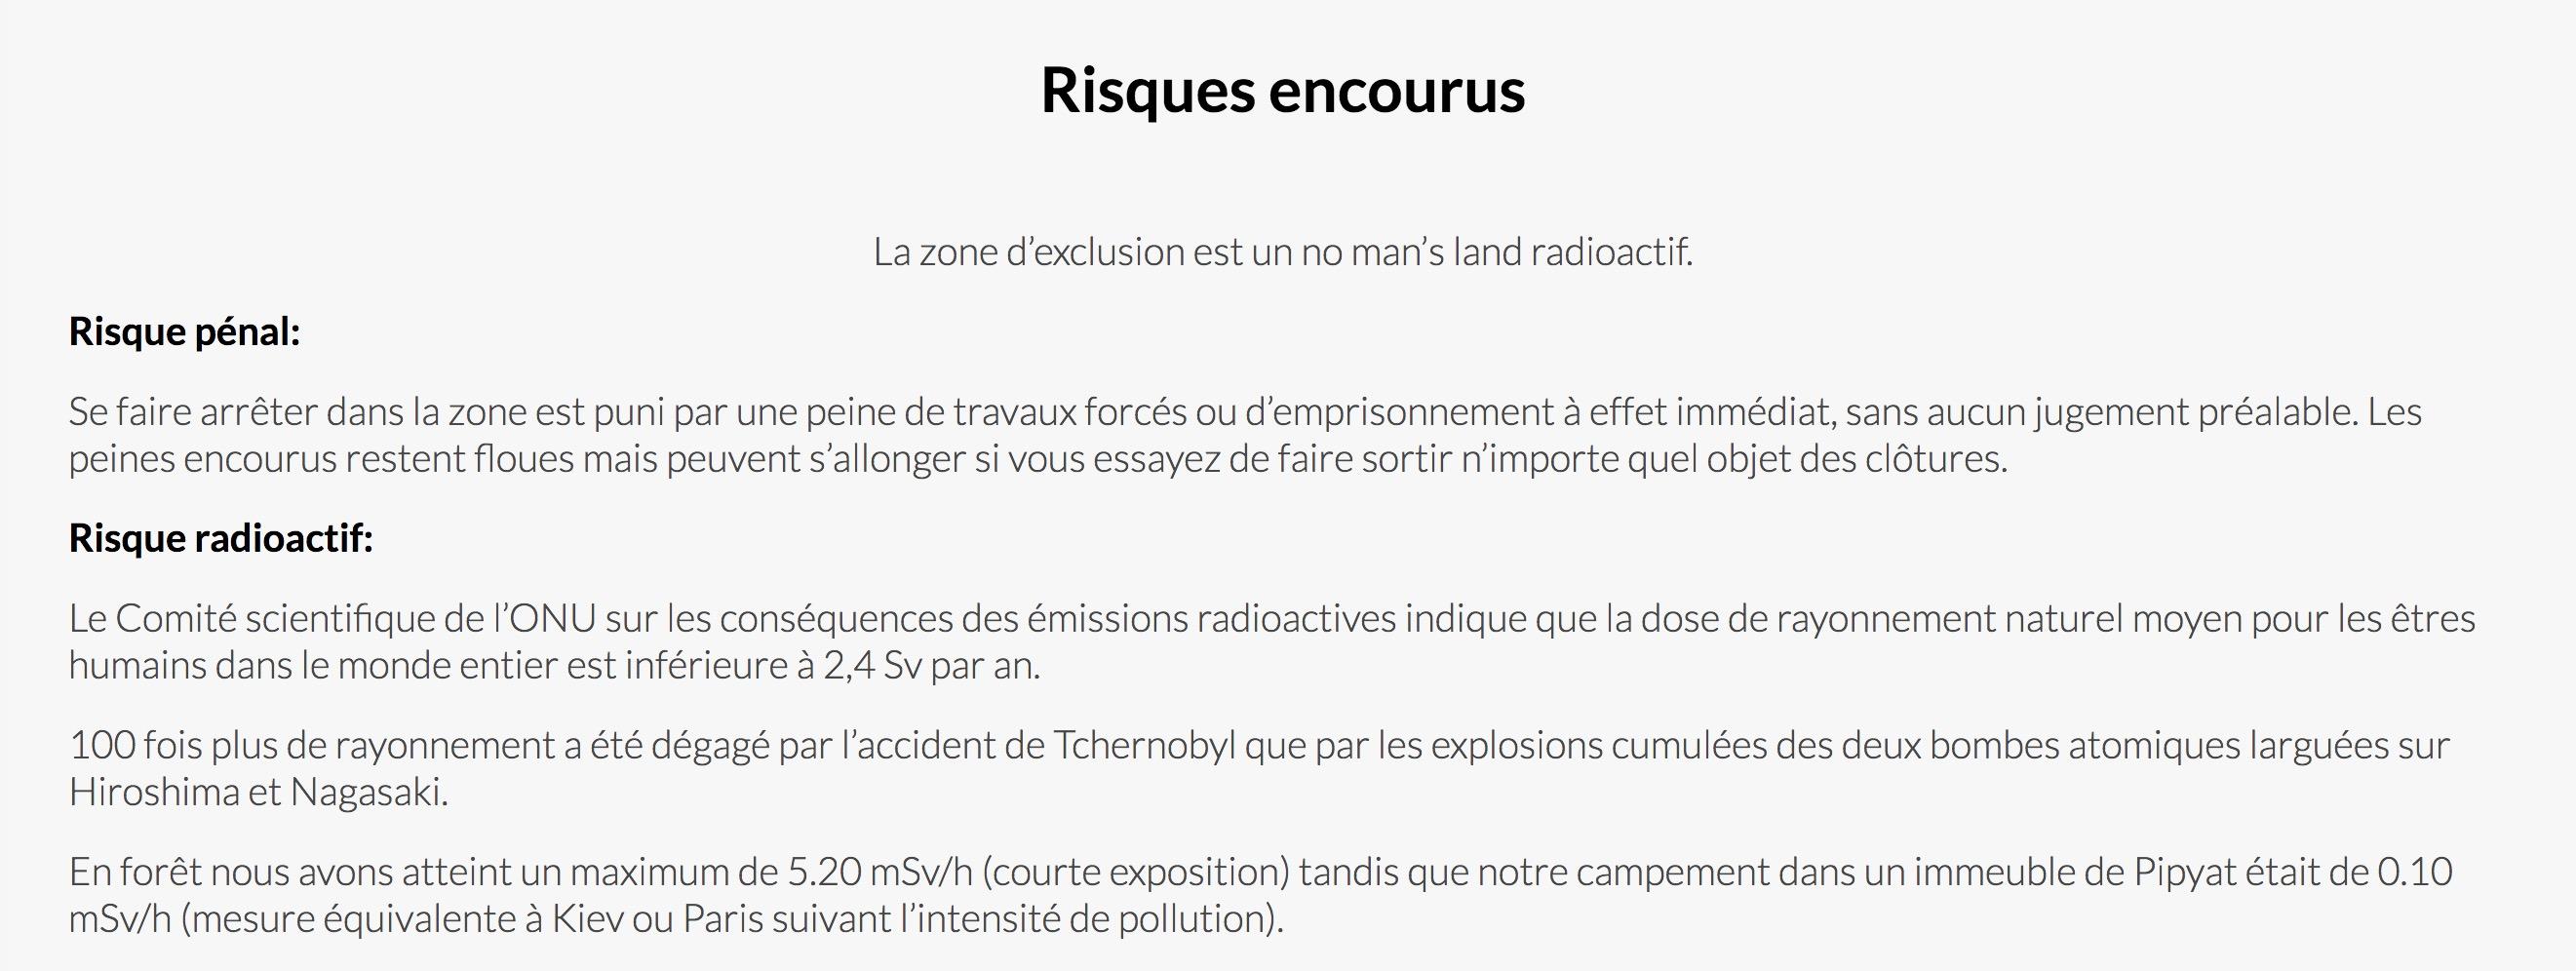 L'Urbex : Exploration Urbaine & review de terrain d'un petit EDC  Captur97